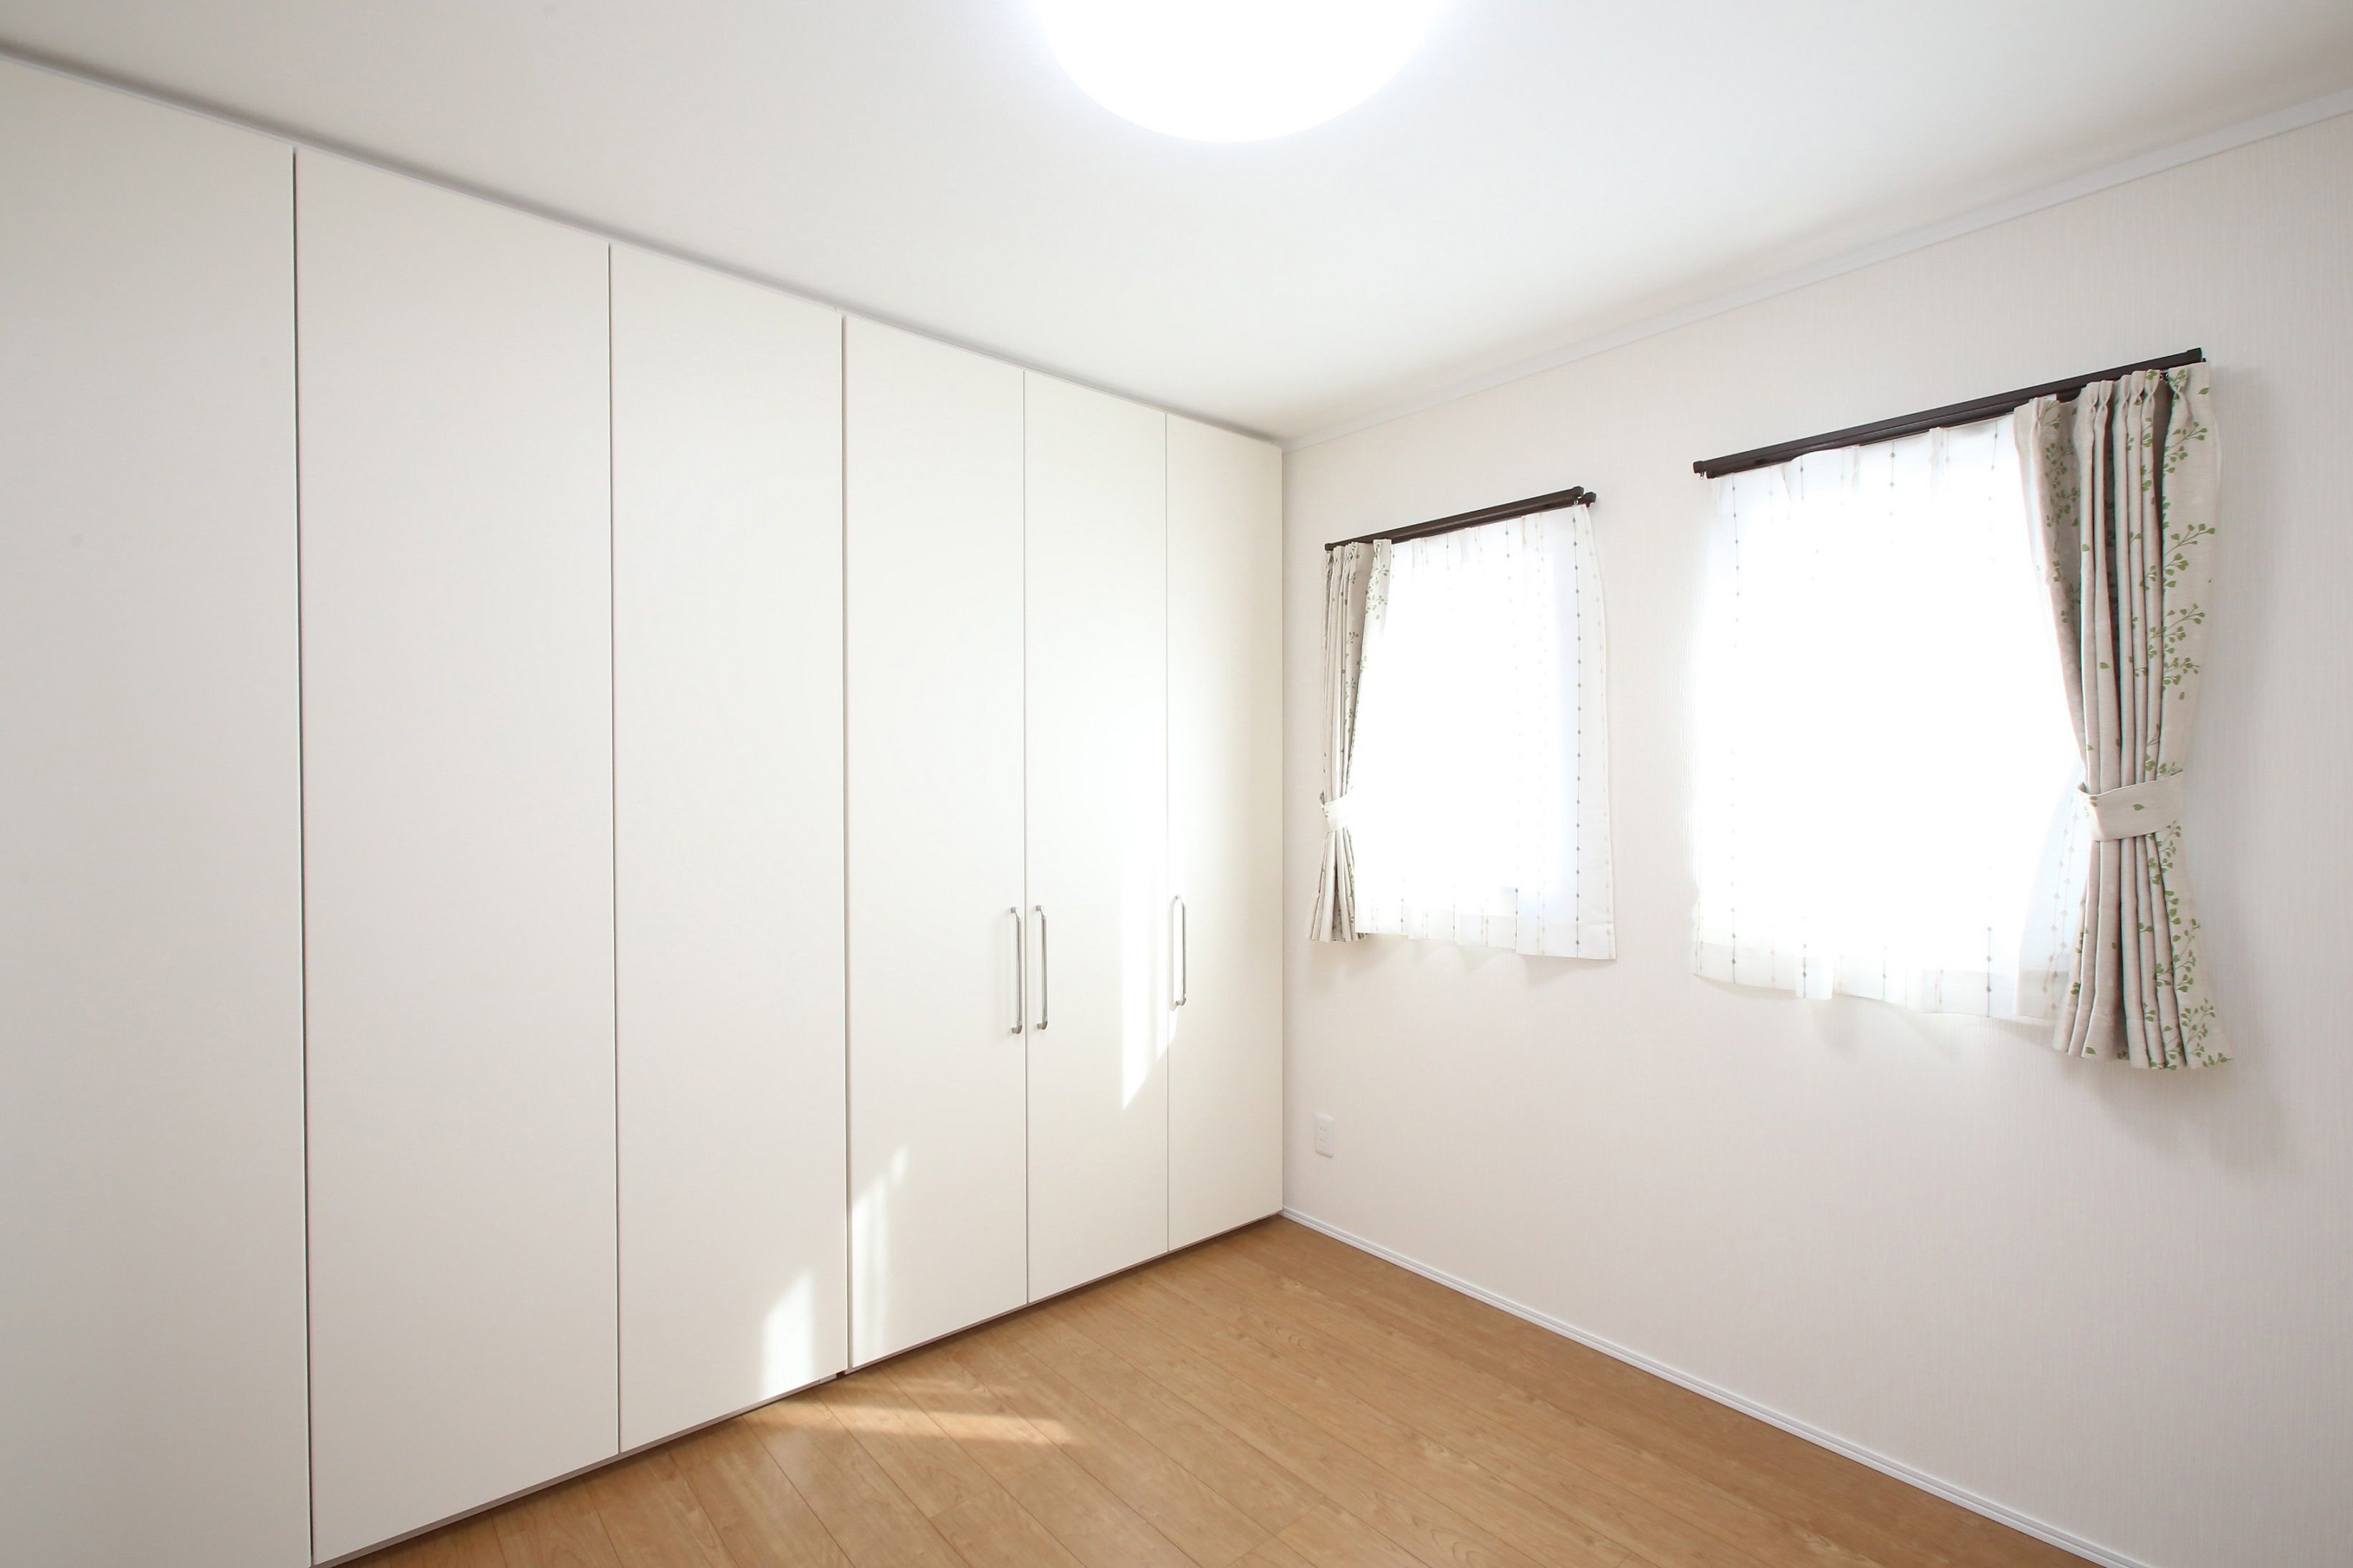 2部屋の間を可動式の収納棚で仕切った子ども部屋 子ども部屋 部屋 内装